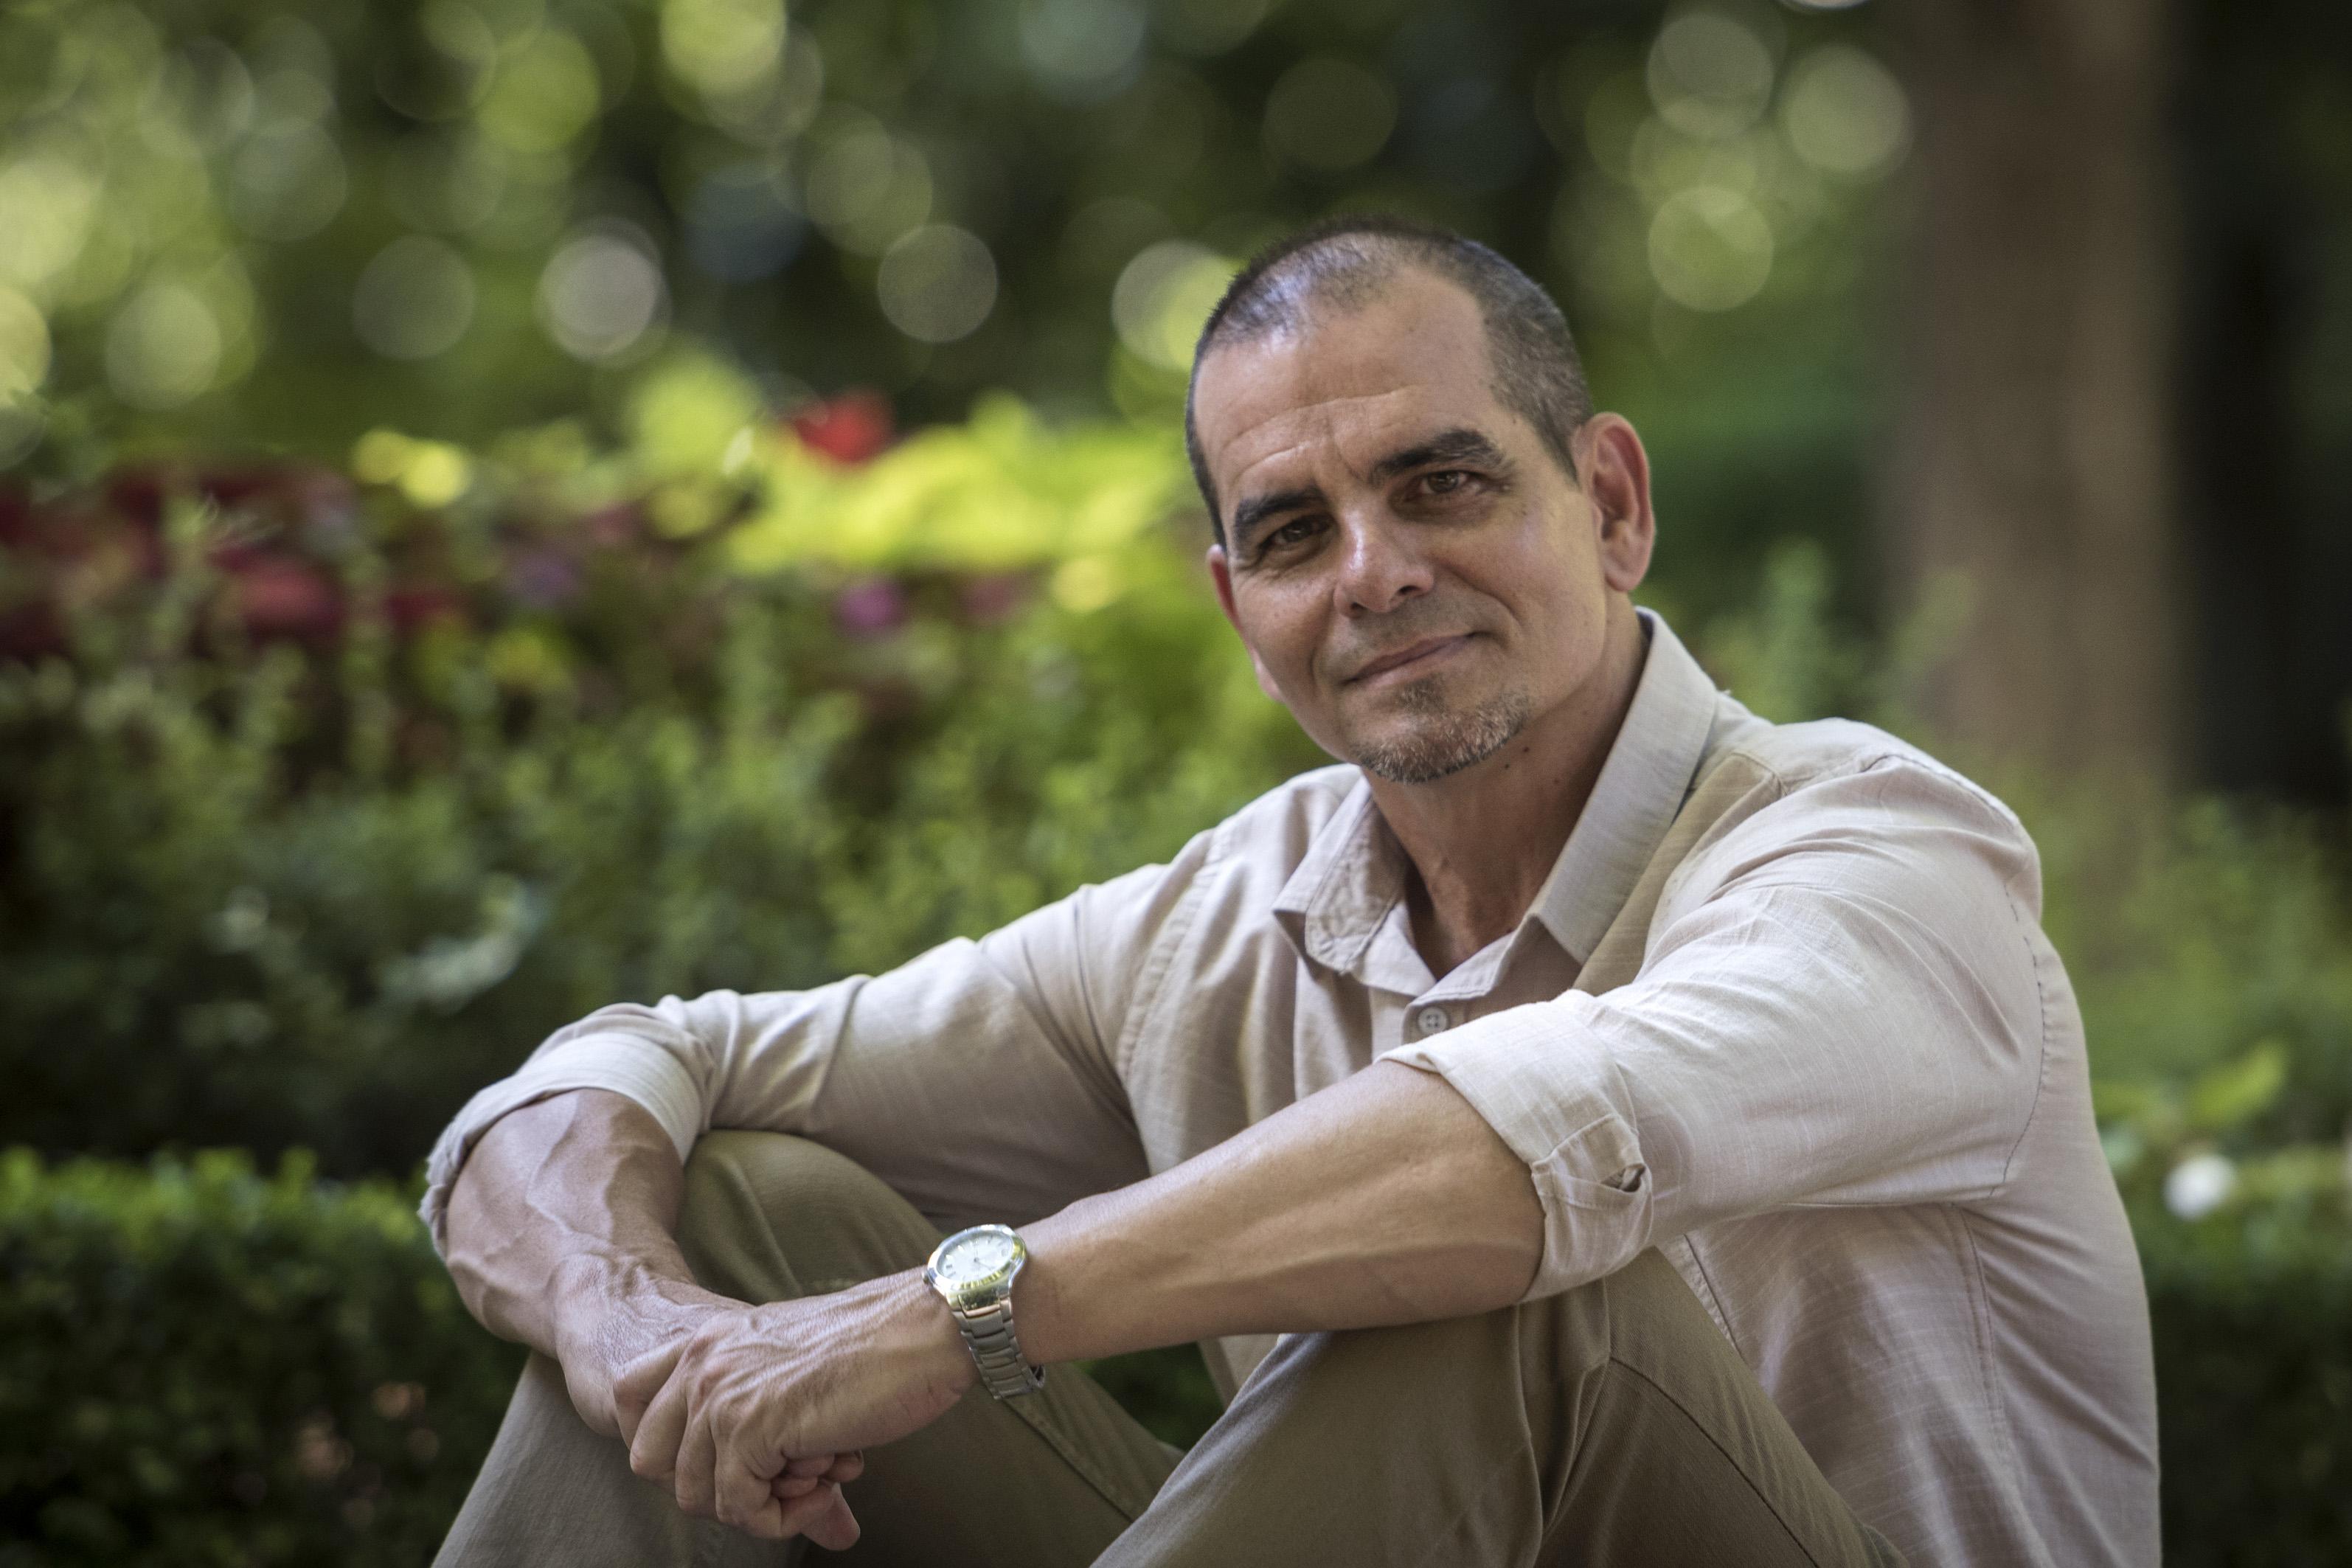 Mutua Navarra. #ganasdevivir Pamplona, 02.08.2018. Entrevista a Eugenio Hidalgo, cirujano y doctor en Medicina General (Mutua Navarra).